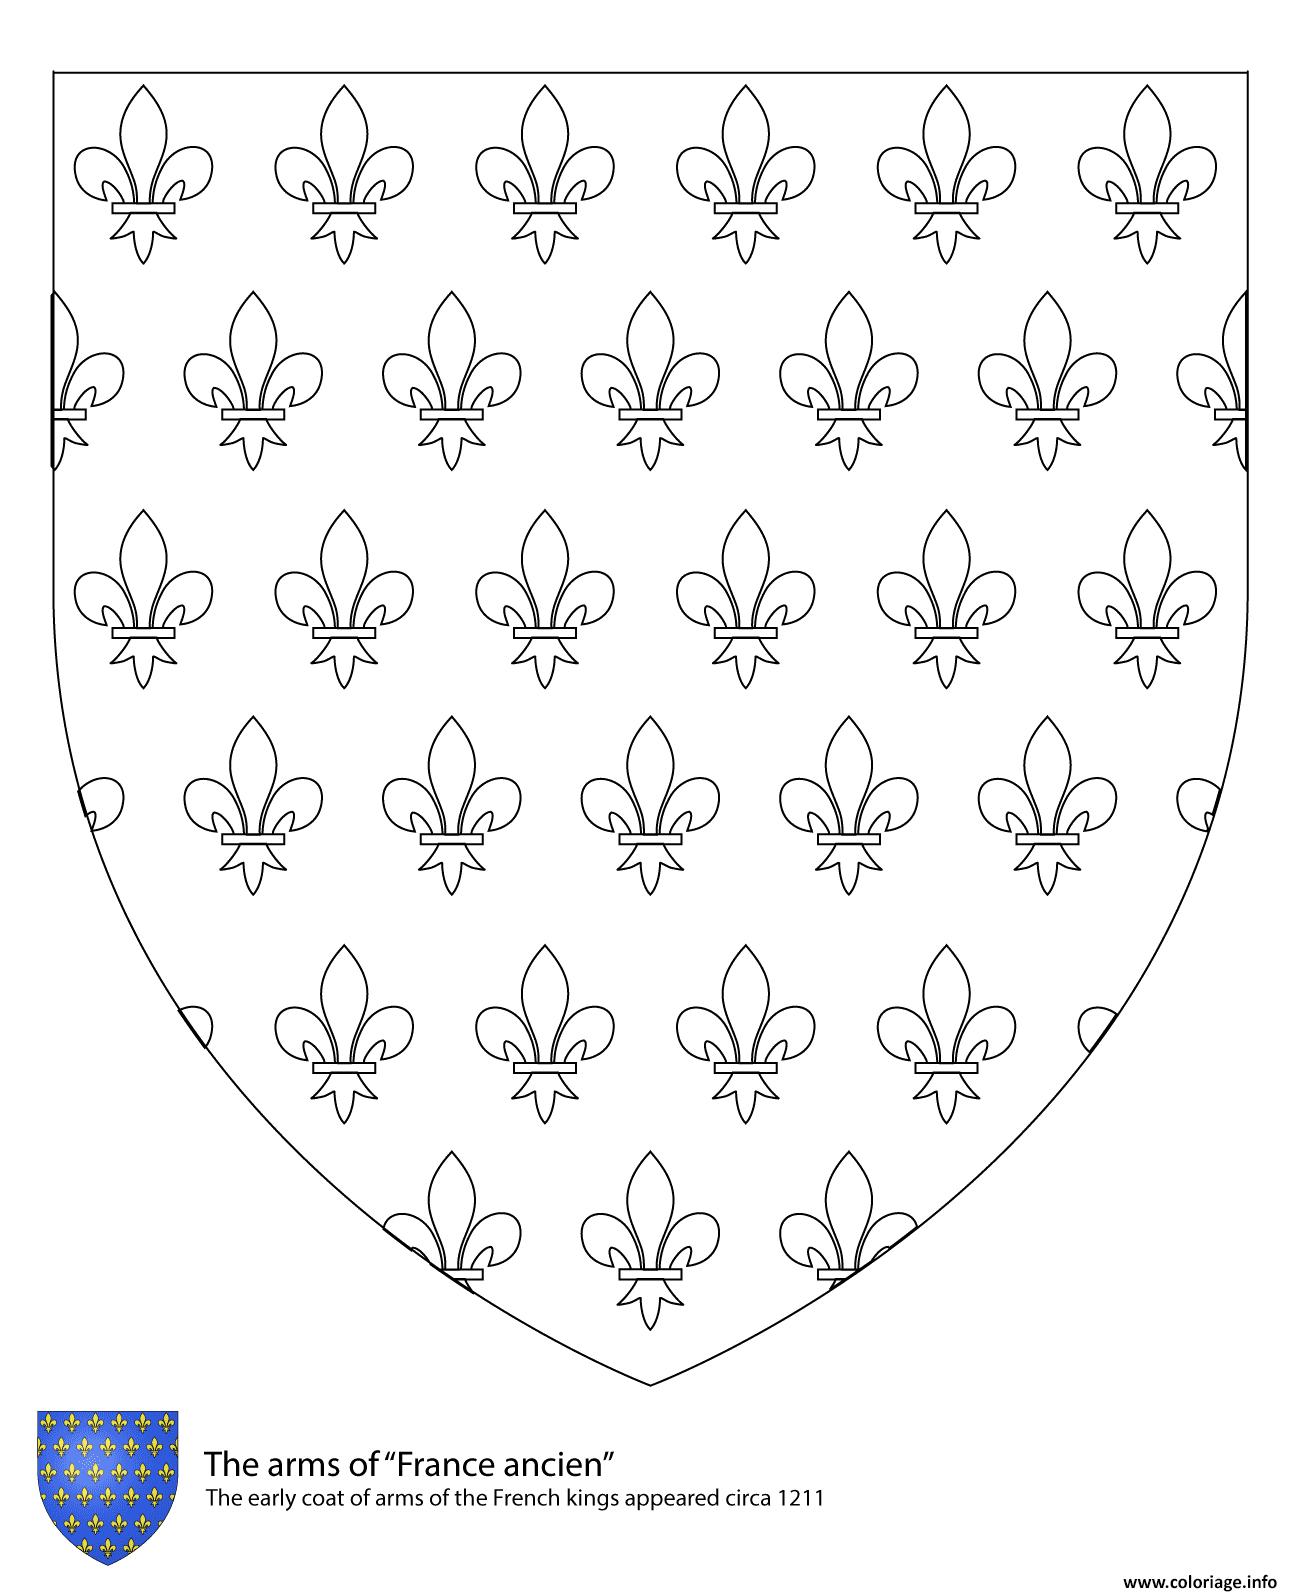 Dessin armoiries des rois de france Coloriage Gratuit à Imprimer